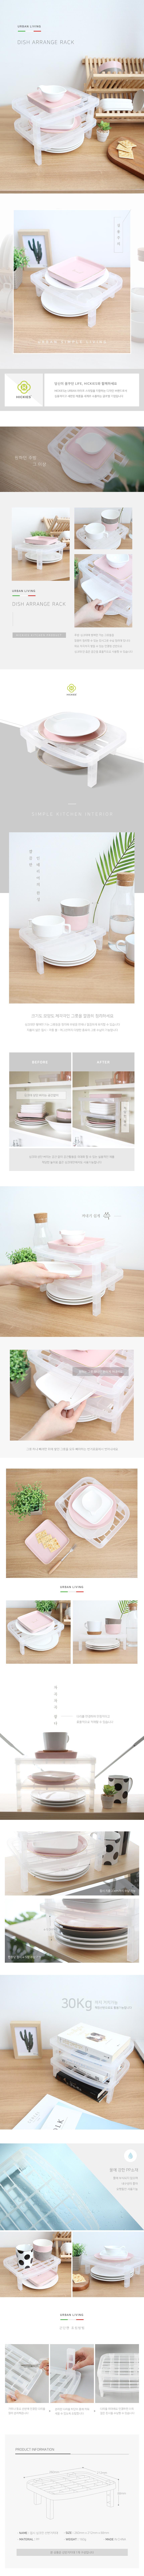 주방 인테리어 접시그릇 수납정리 싱크인 선반 거치대 - 히키스, 4,800원, 주방수납용품, 진열 보관대